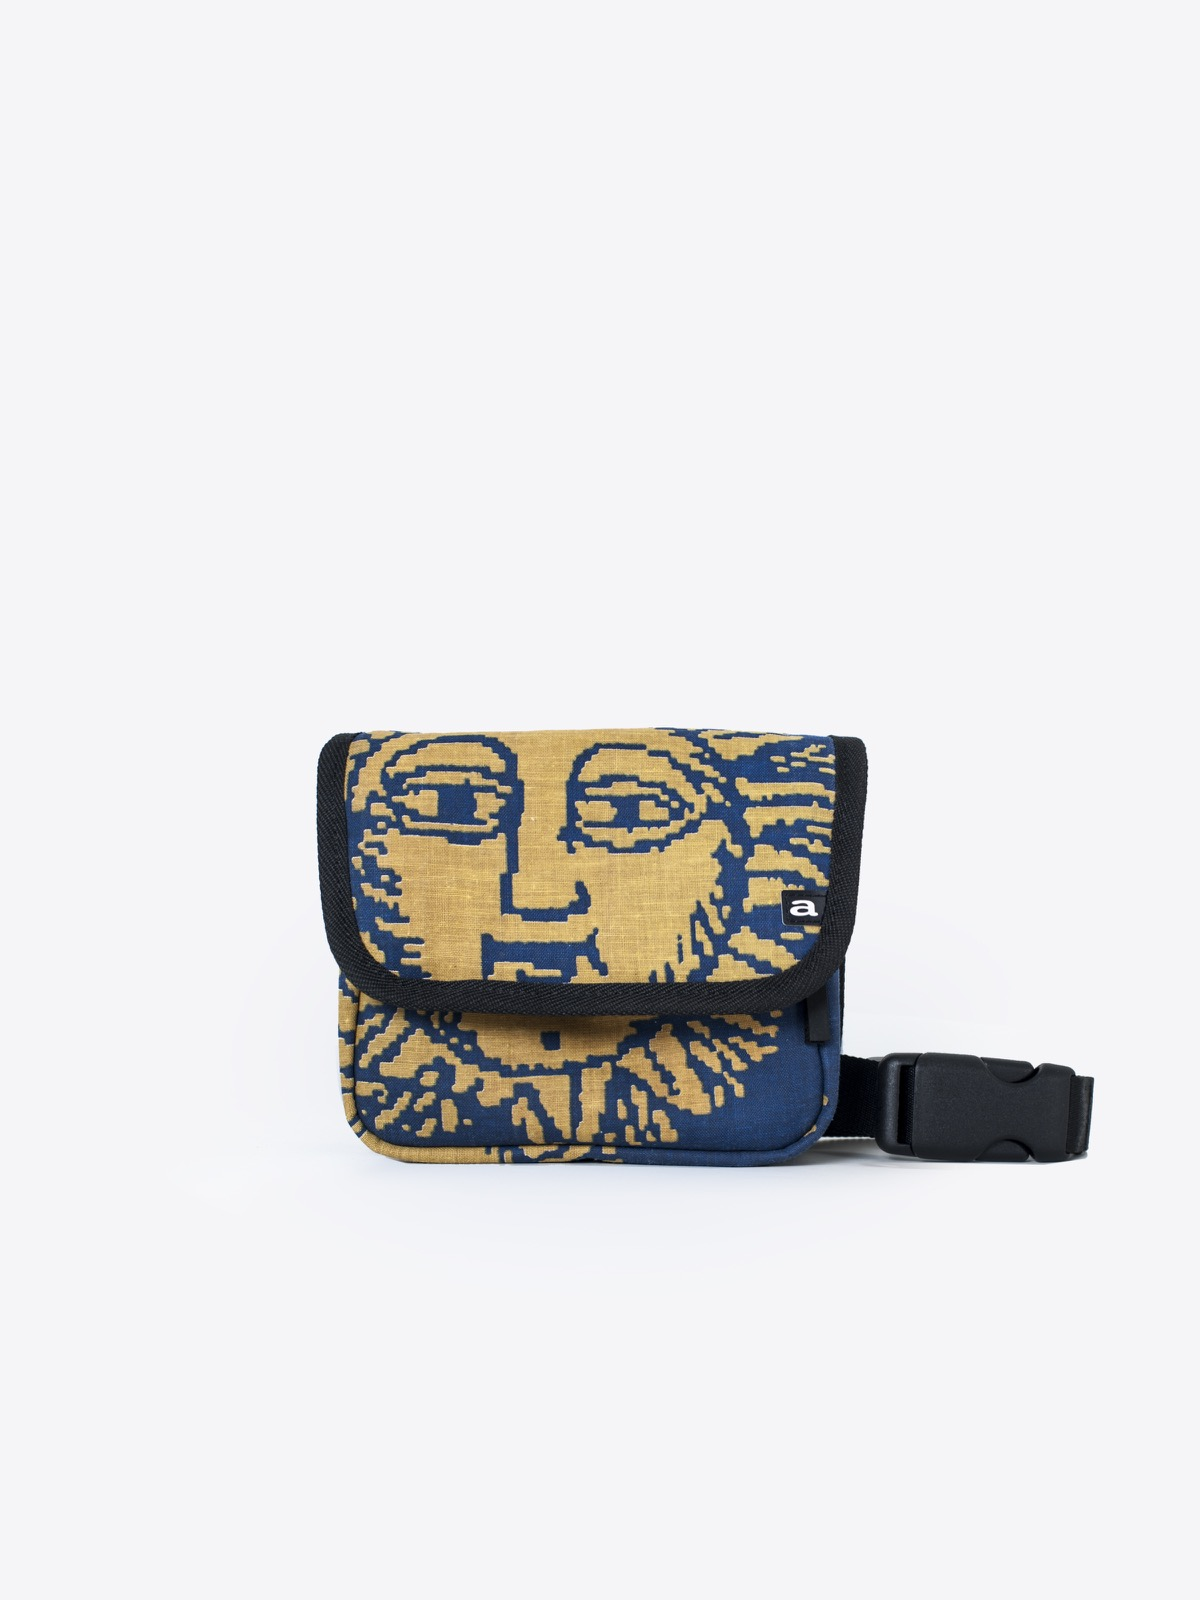 airbag craftworks zip | 184